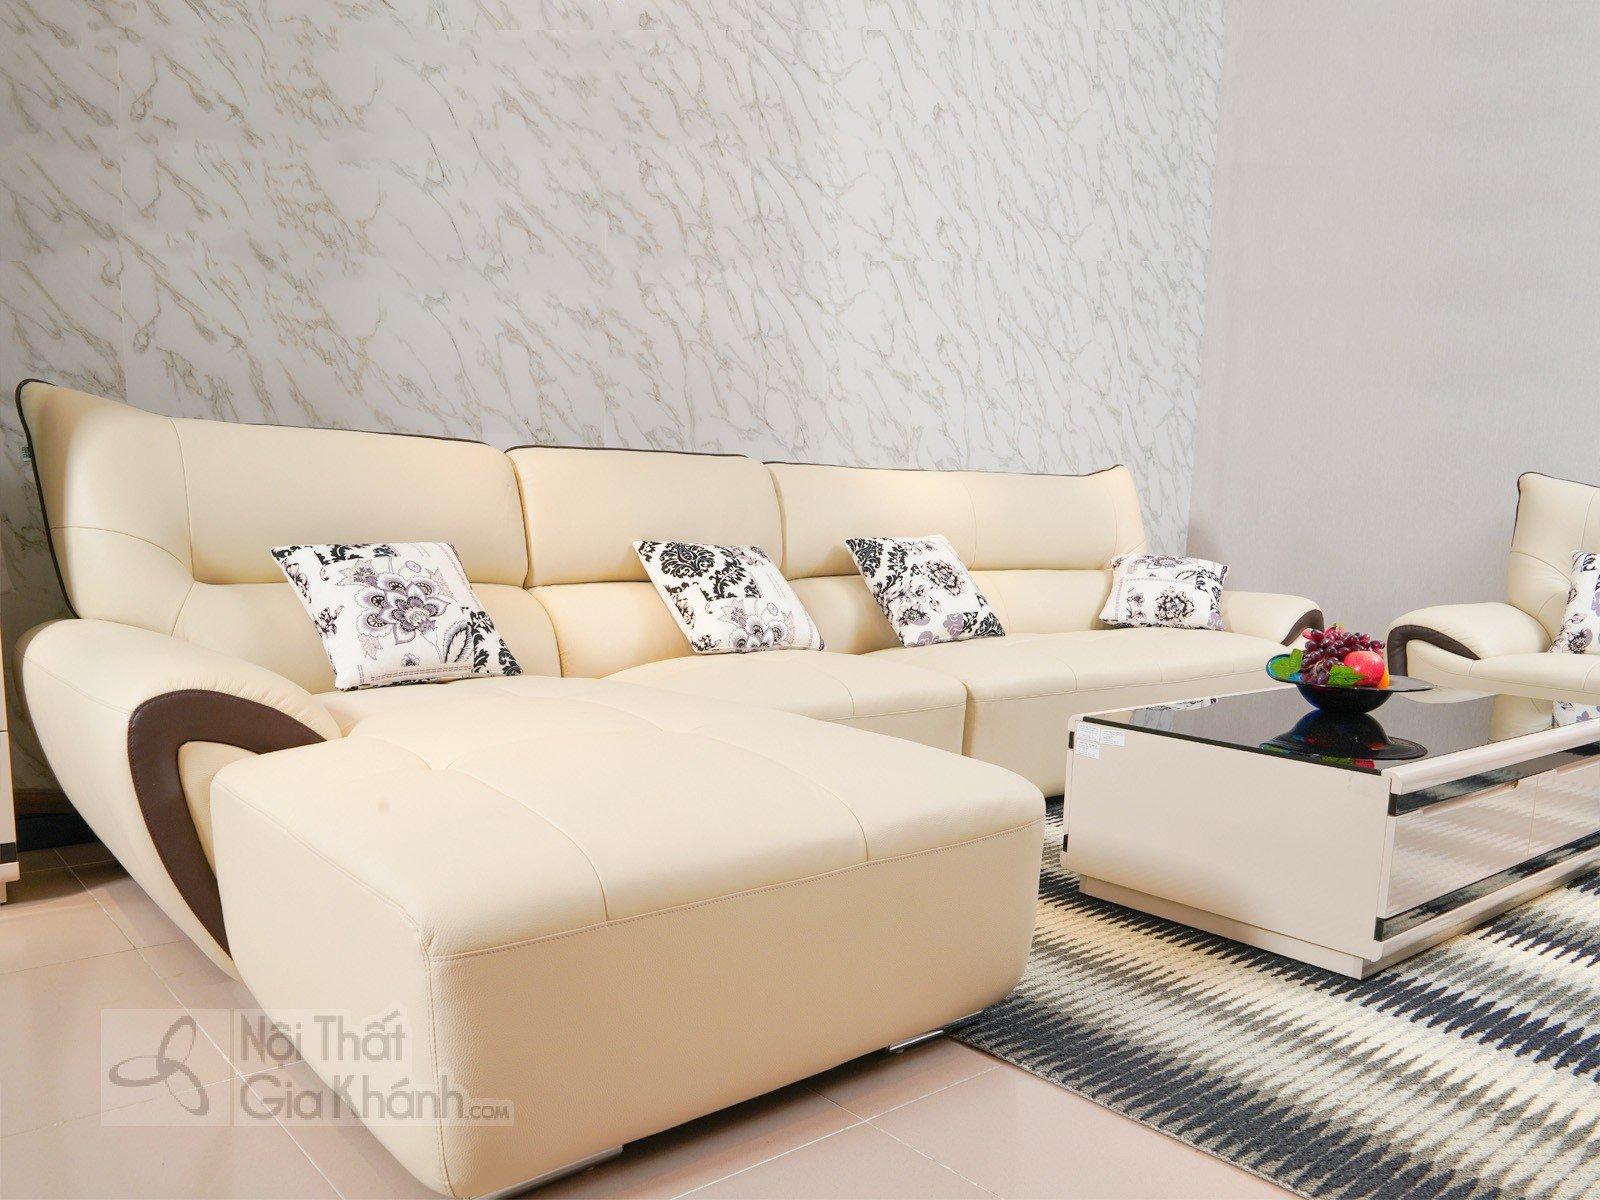 Bộ Sofa Cao Cấp 2 Băng Bằng Da Hiện Đại Êm Ái Sp3334-2